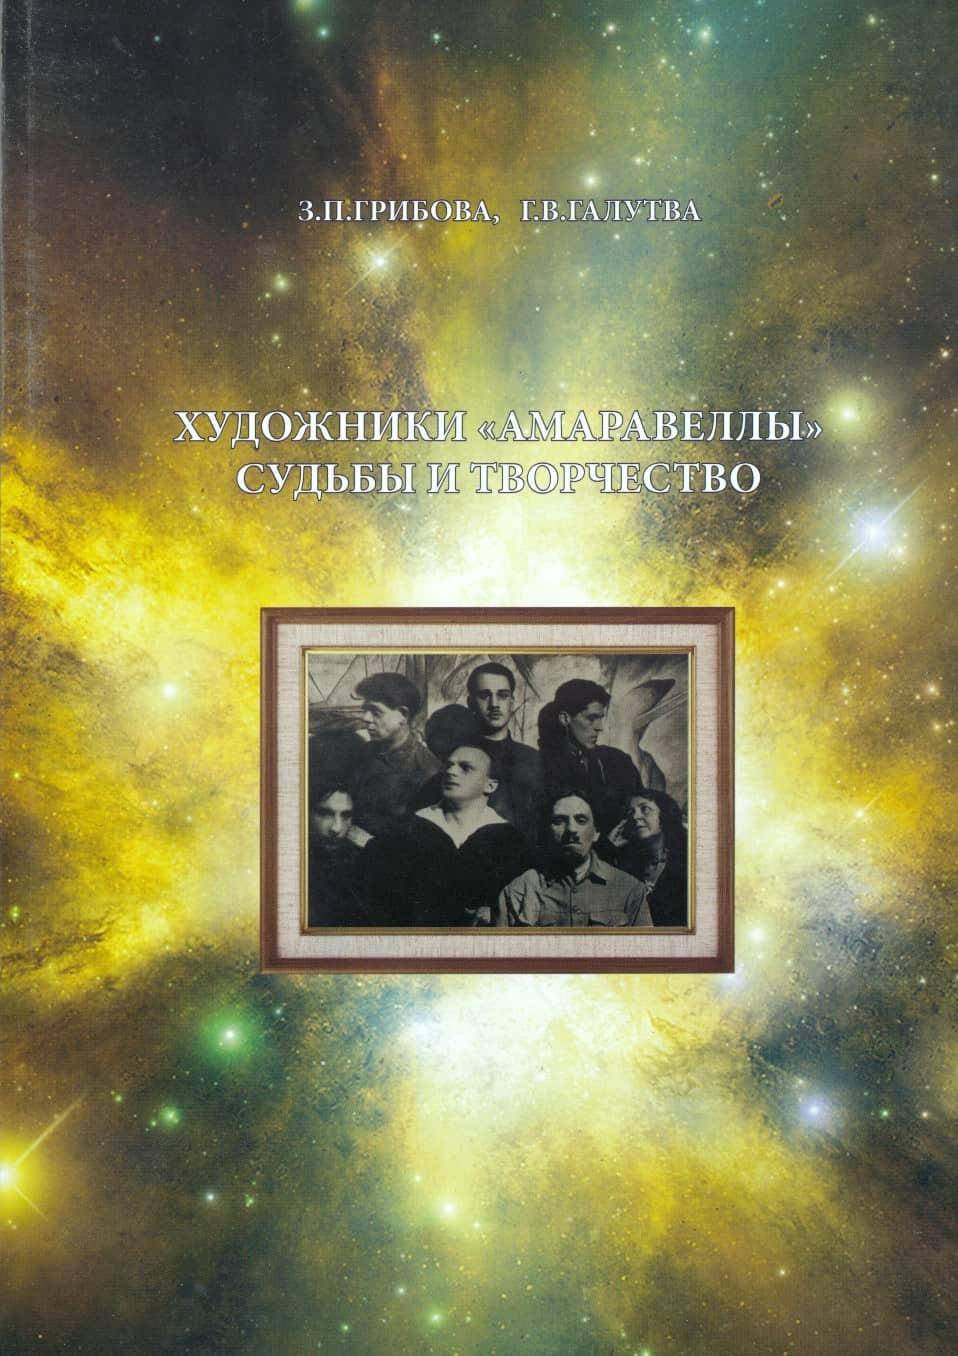 """Книга о группе """"Амаравелла"""", 2009 год"""